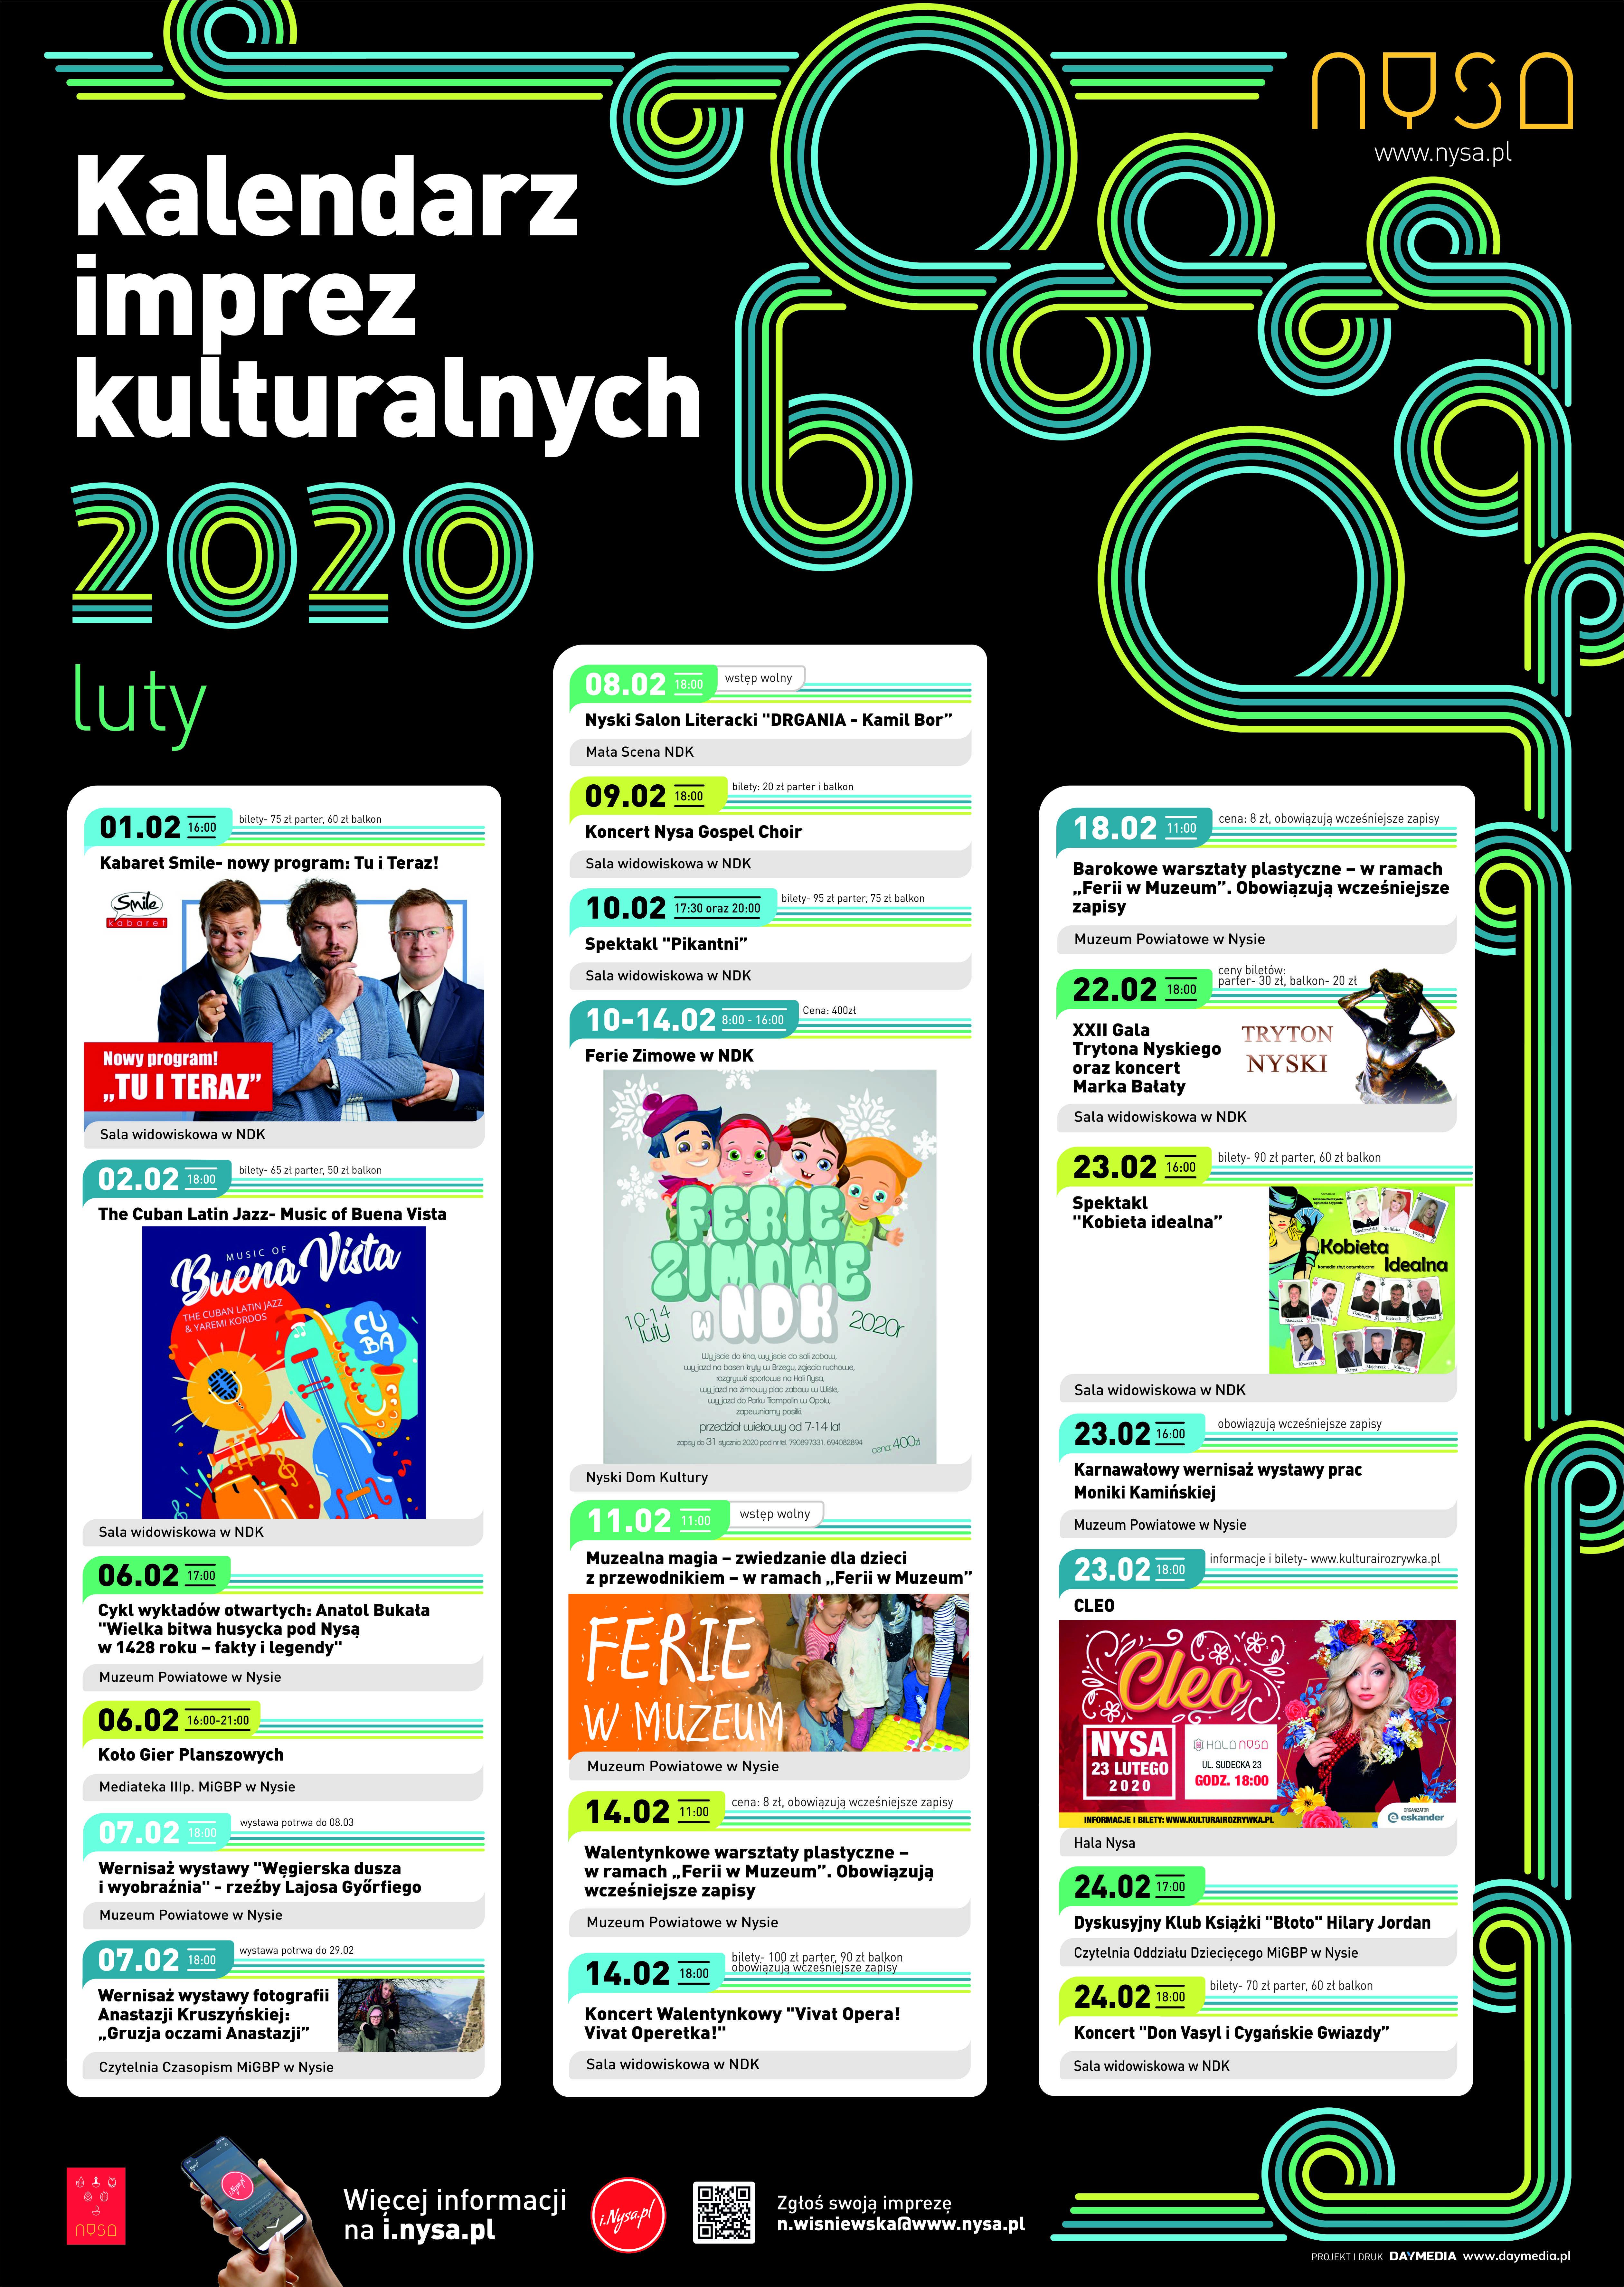 Kalendarz imprez kulturalnych na luty